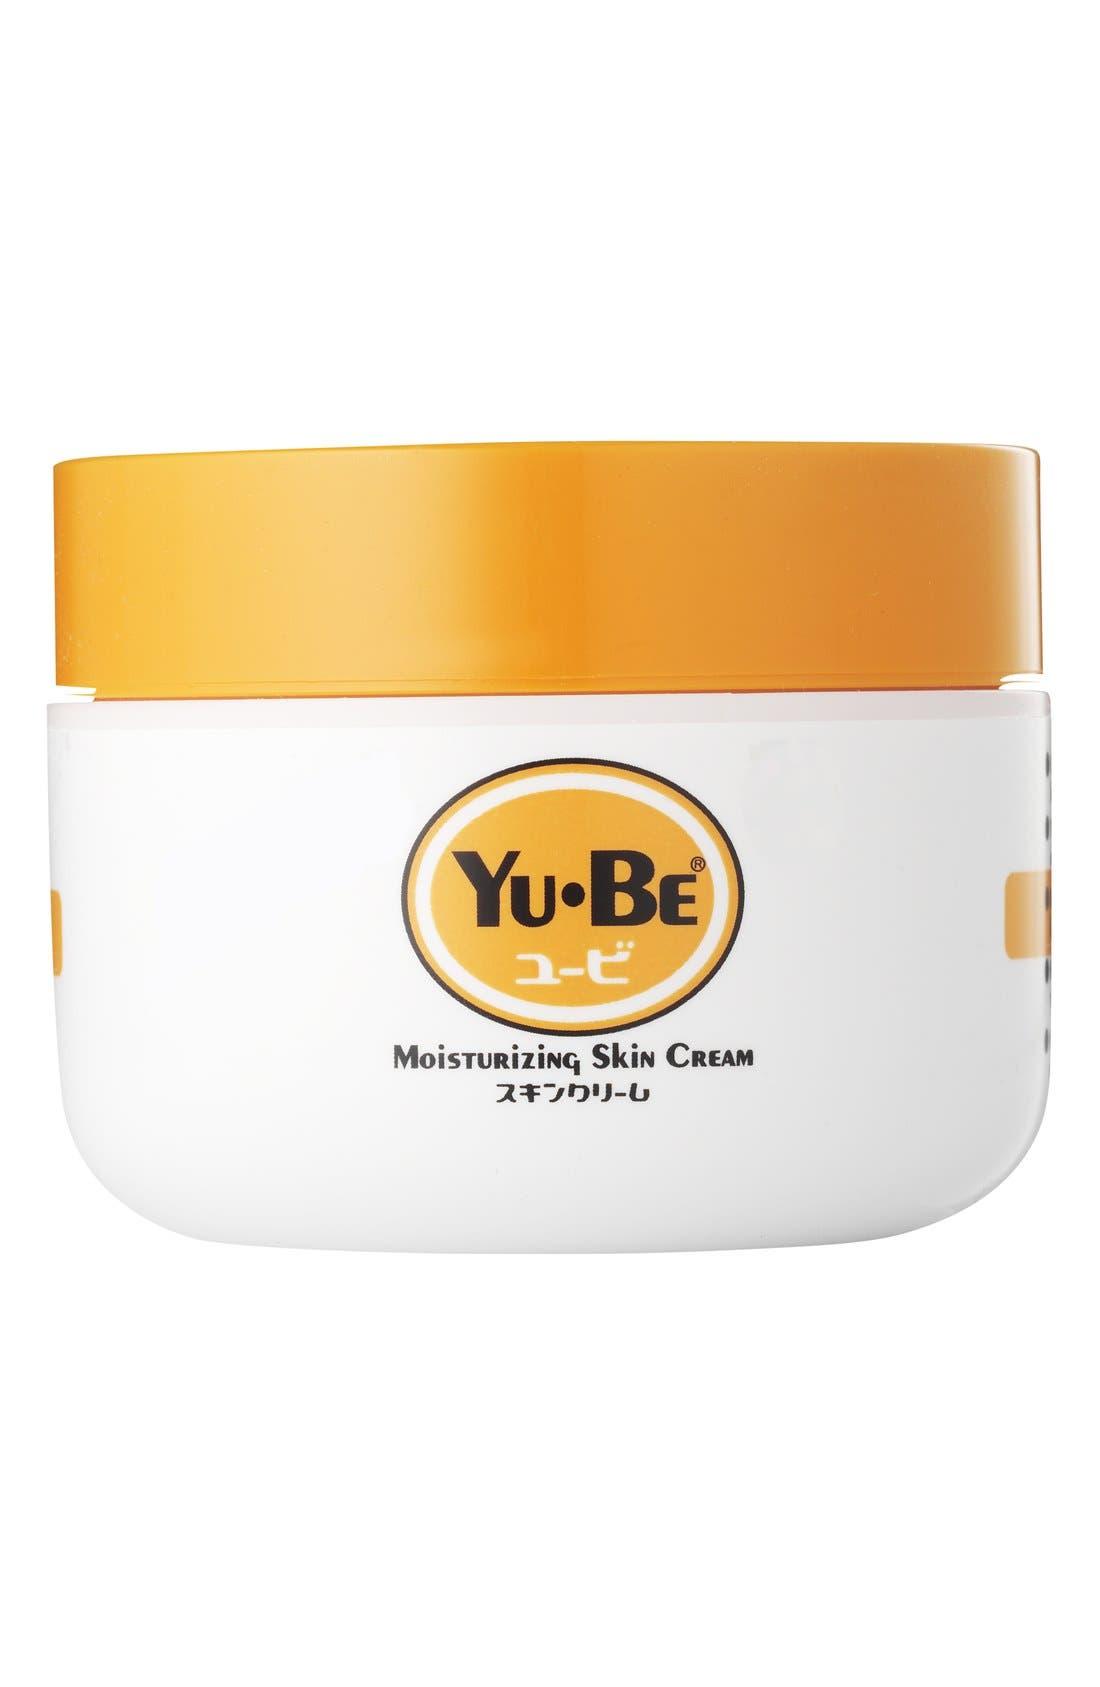 Yu-Be® Moisturizing Skin Cream Jar